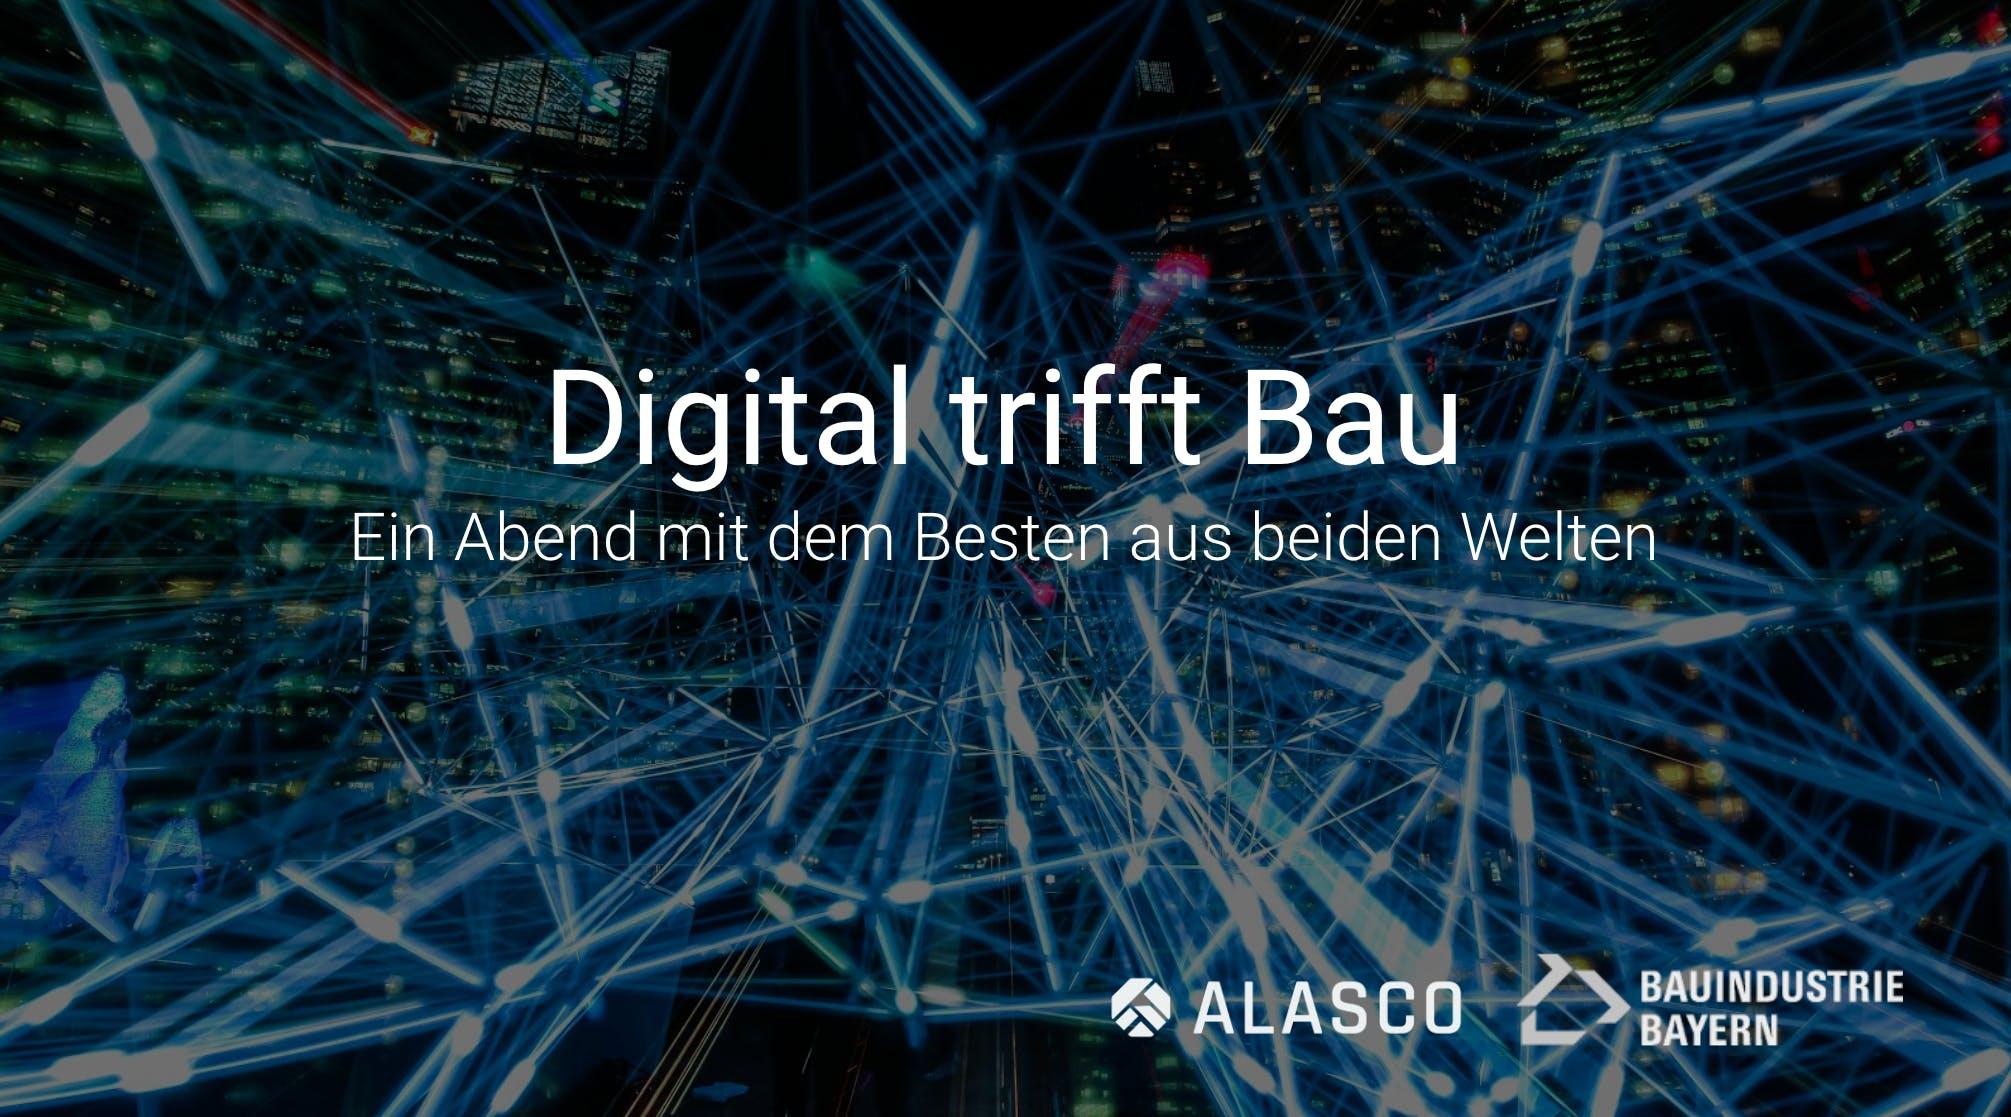 Digital trifft Bau